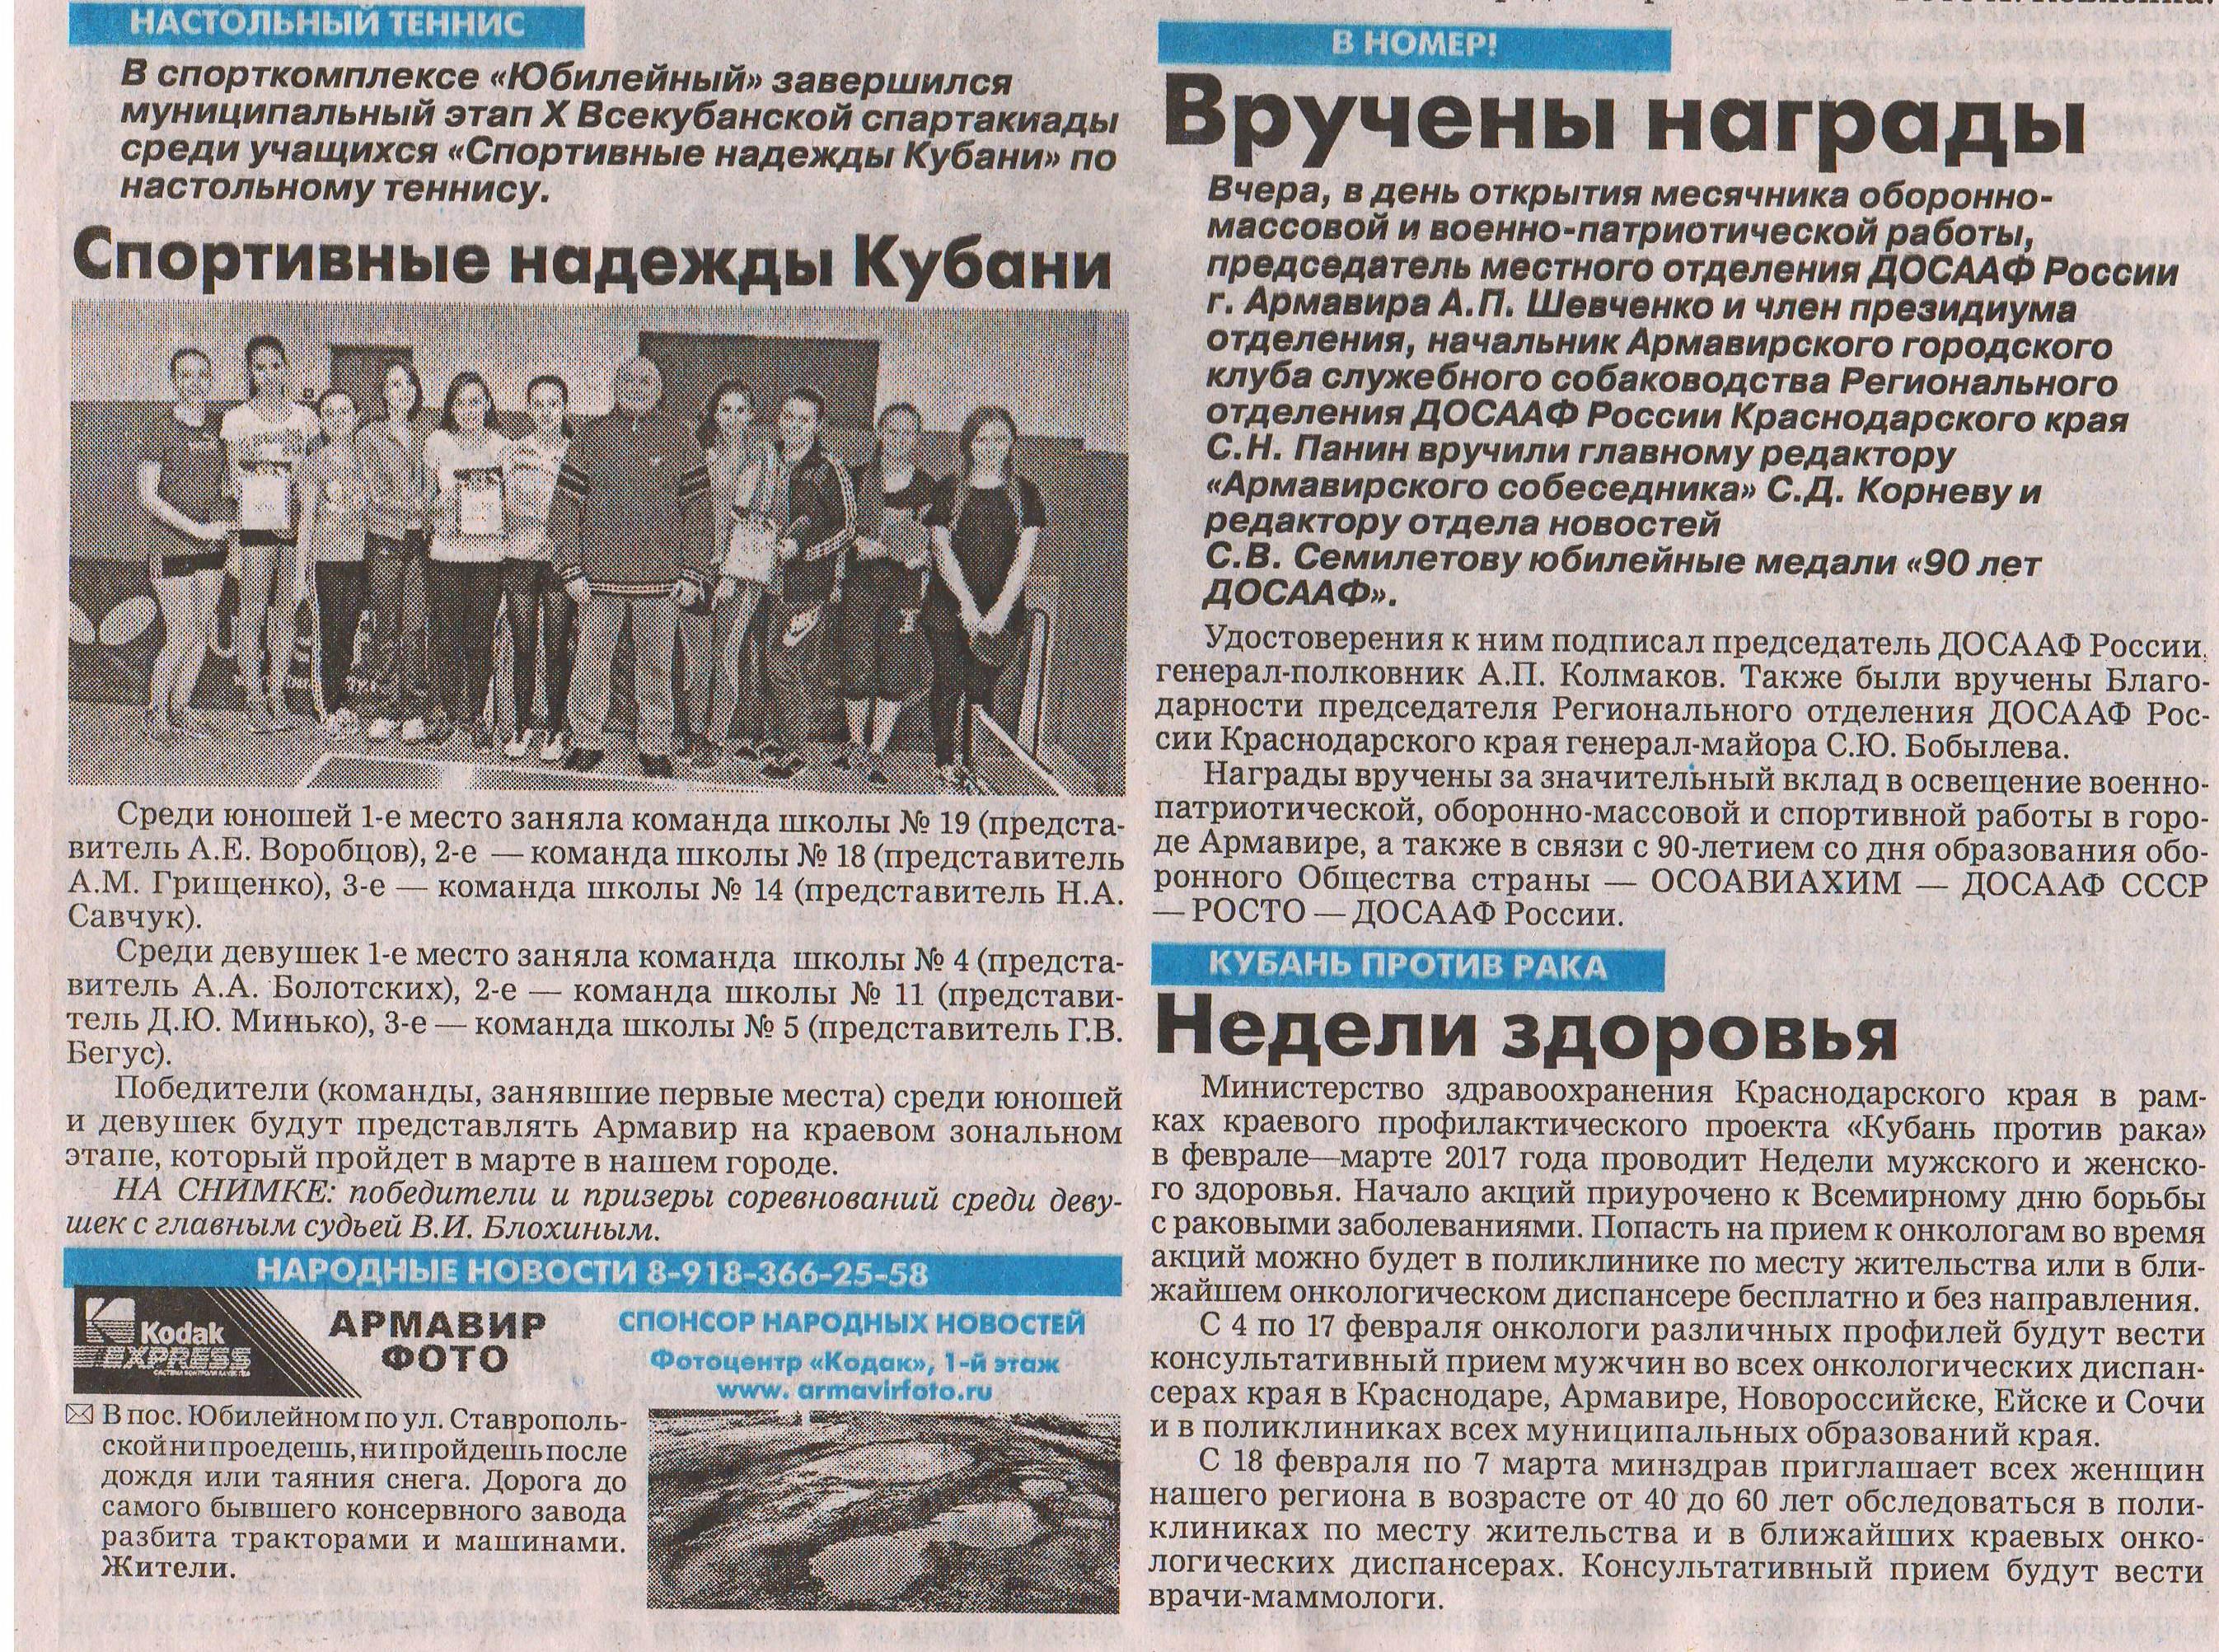 Заметка в газете Армавирский собеседник о нашраждении сотрудников газеты